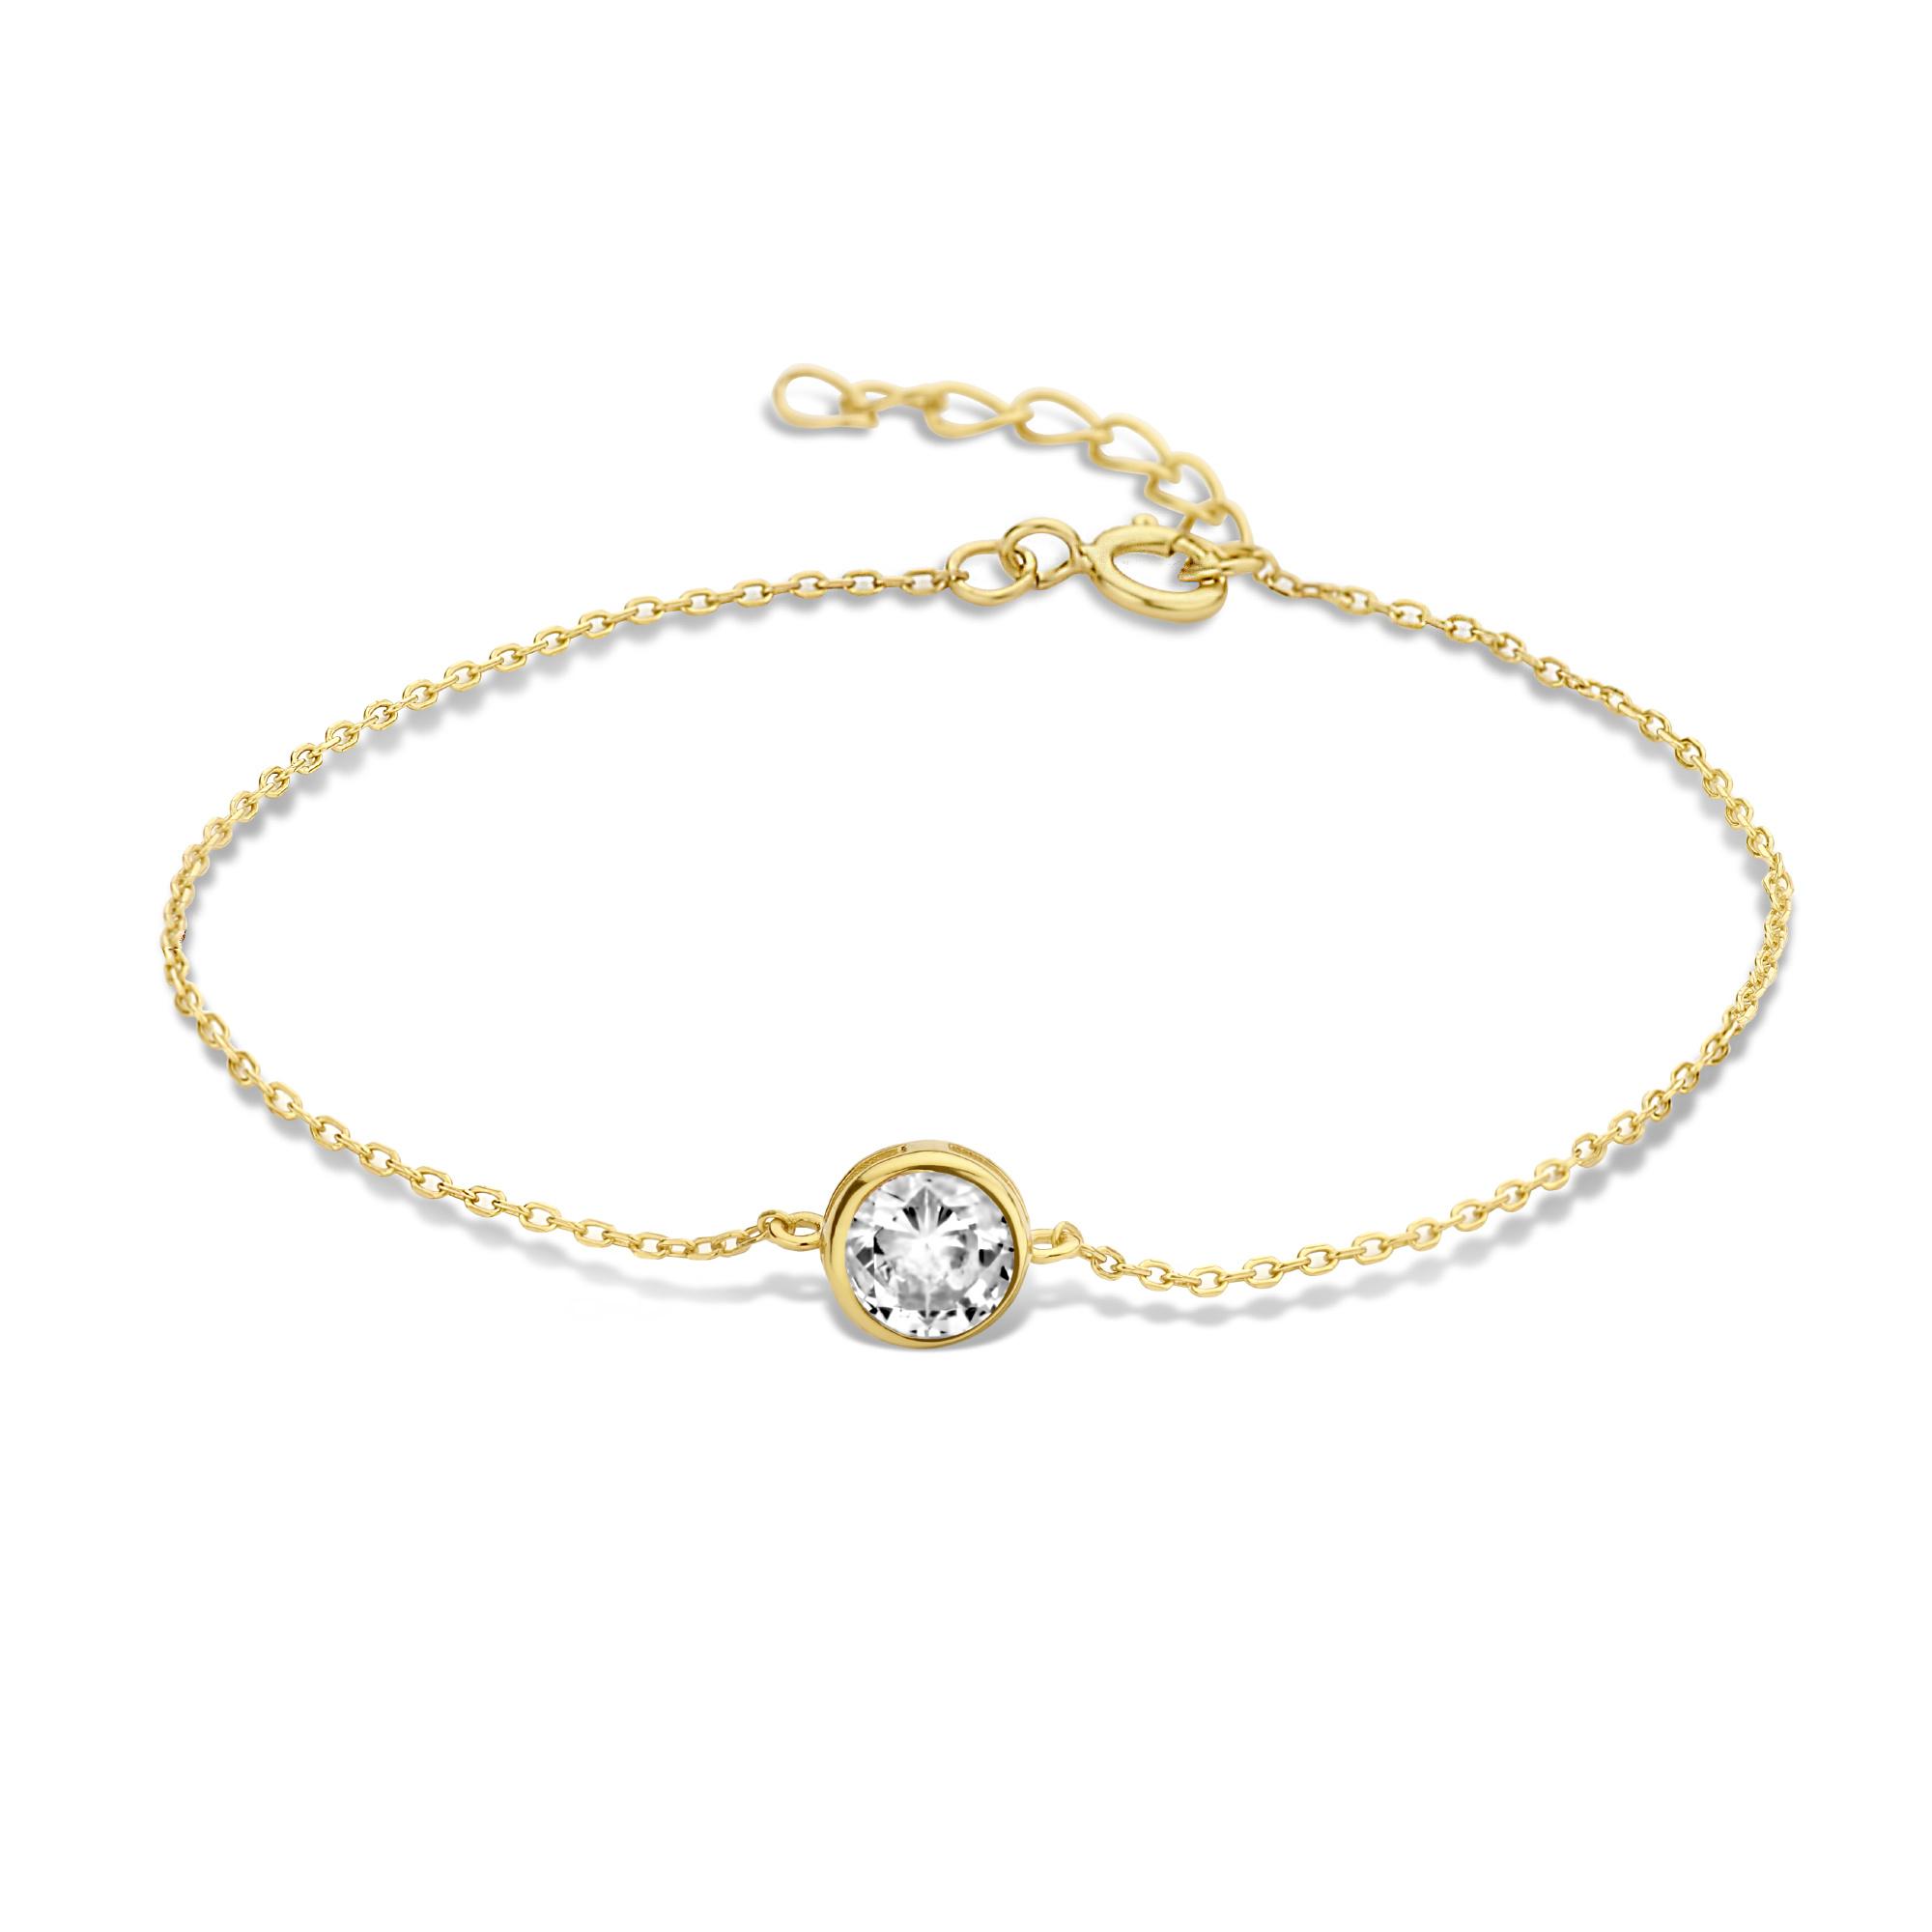 Violet Hamden Venus bracelet couleur or en argent sterling 925 avec pierre de naissance